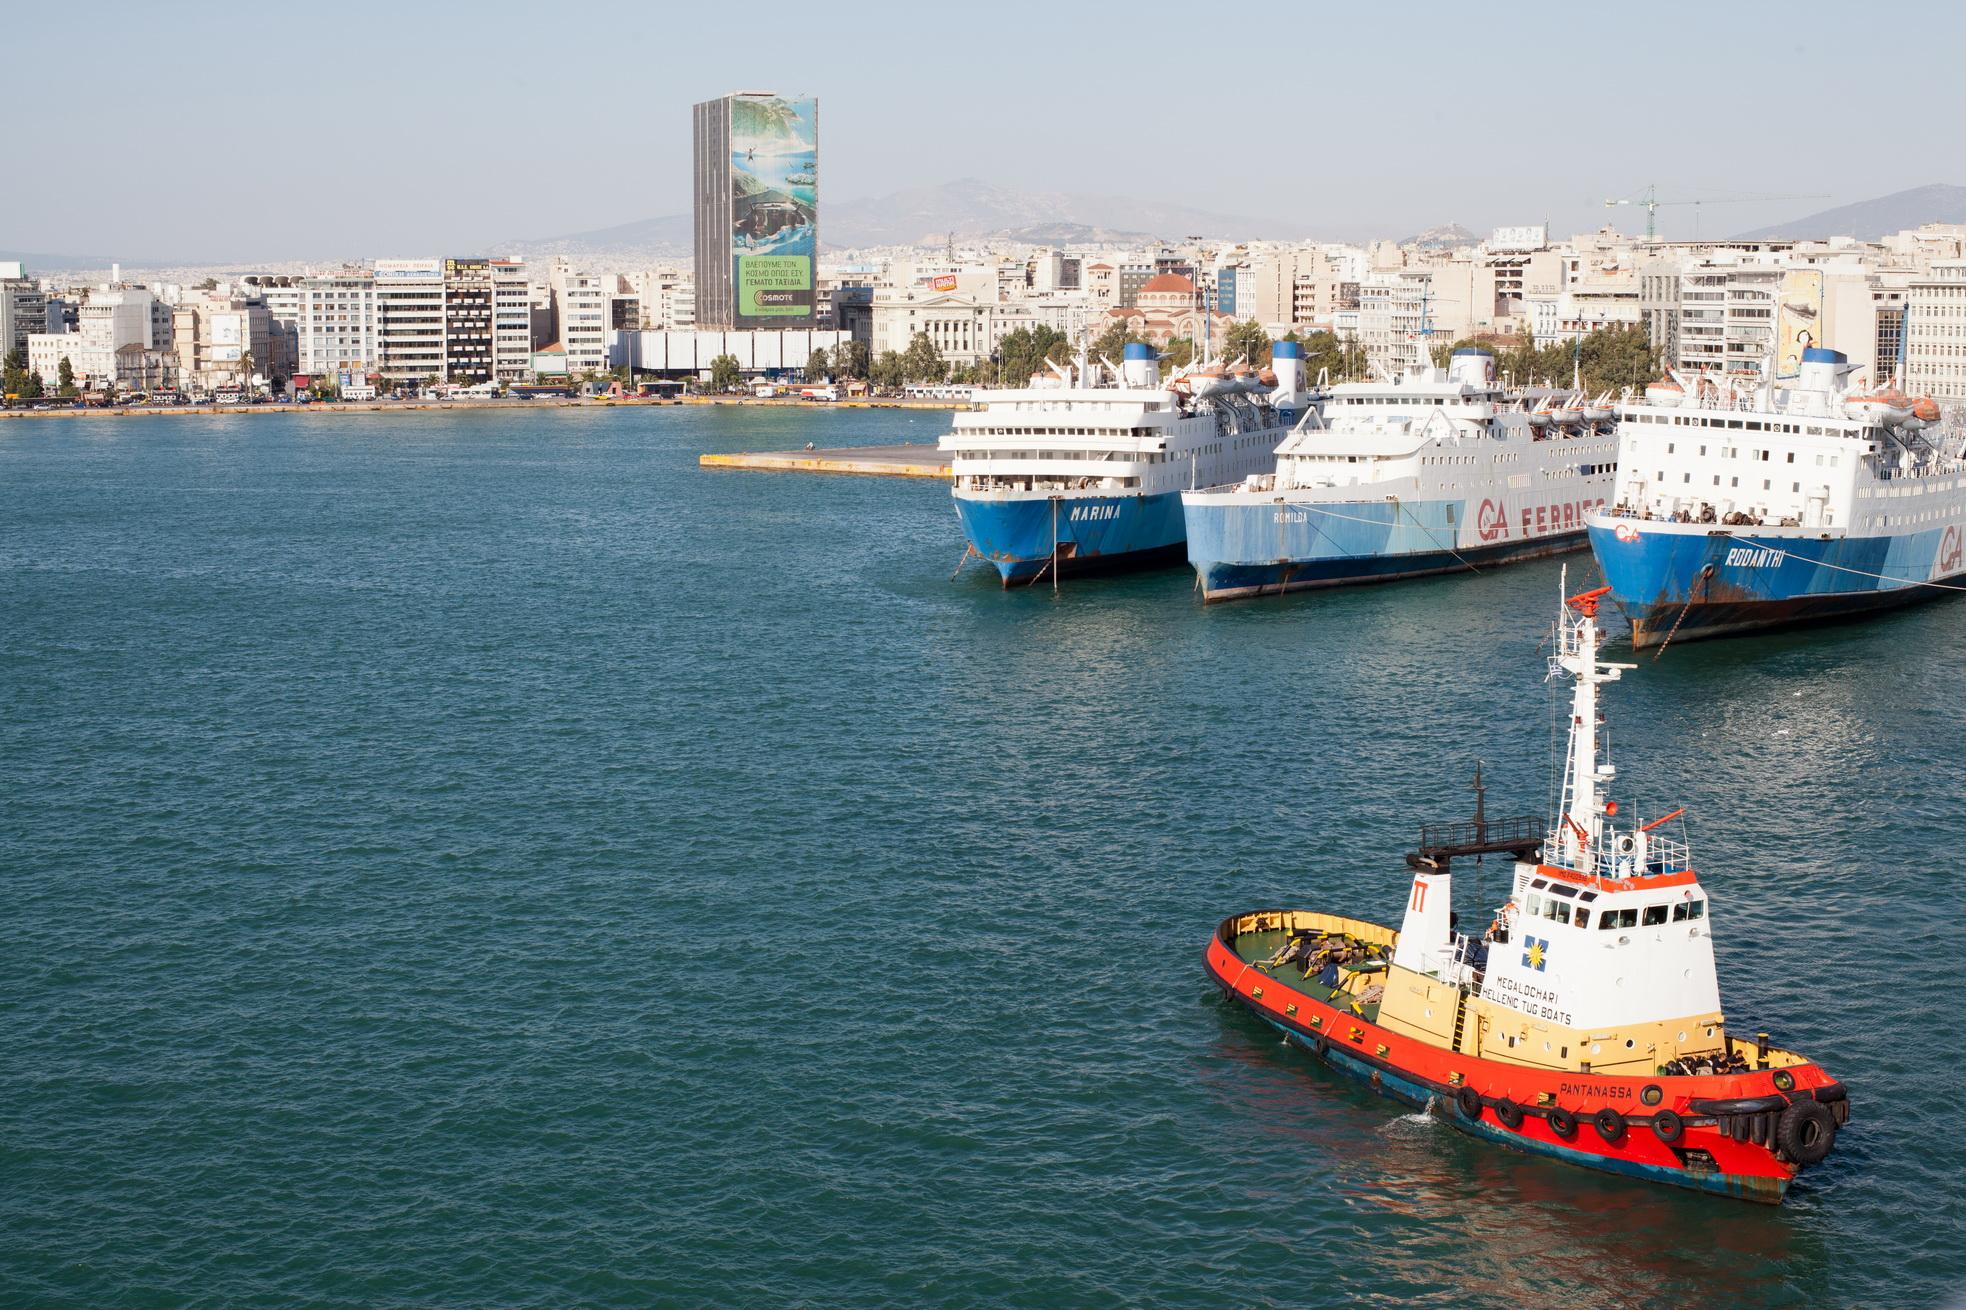 MS Marina Romilda Rodanthi GA Ferries docked Piraeus Port of Athens Greece 01